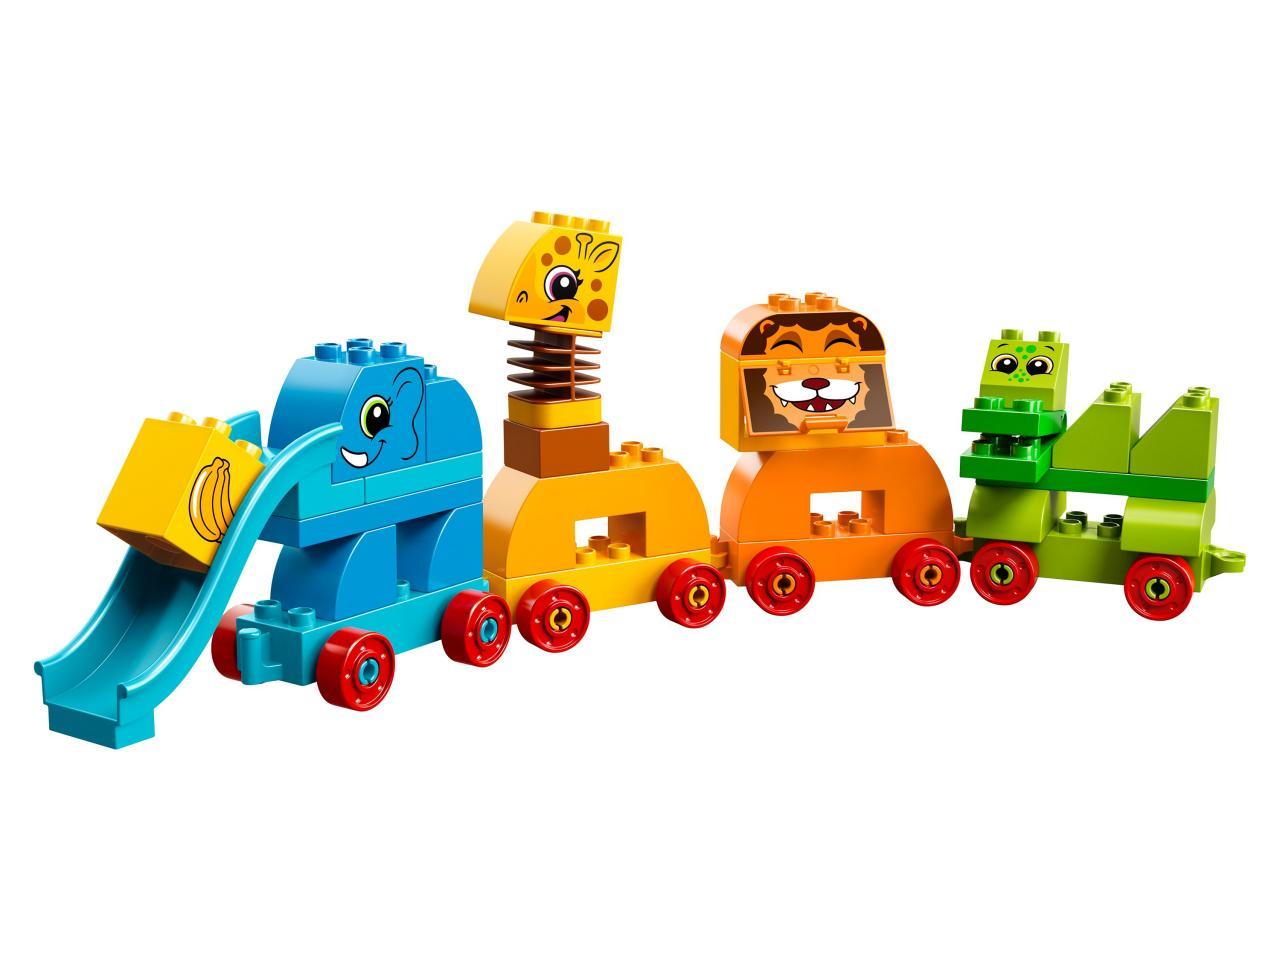 Купить Конструктор LEGO 10863 Duplo My First Мой первый парад животных, пластик, Для мальчиков и девочек, Венгрия, Конструкторы